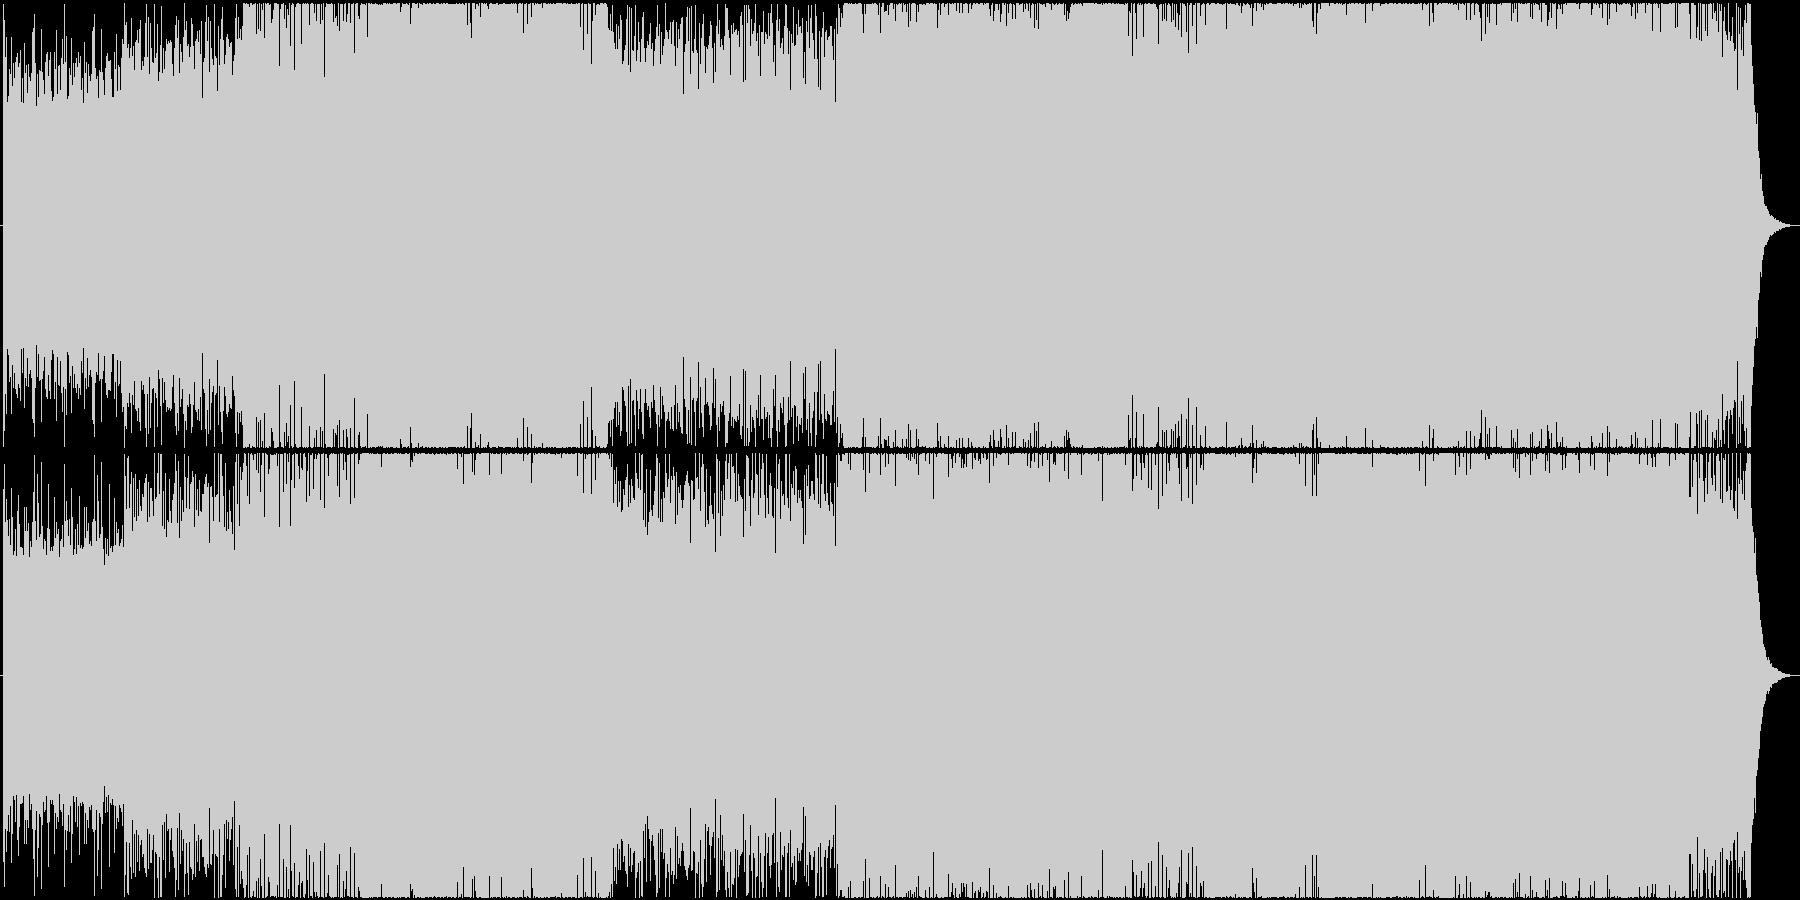 マジック 手品 イリュージョン 登場の未再生の波形